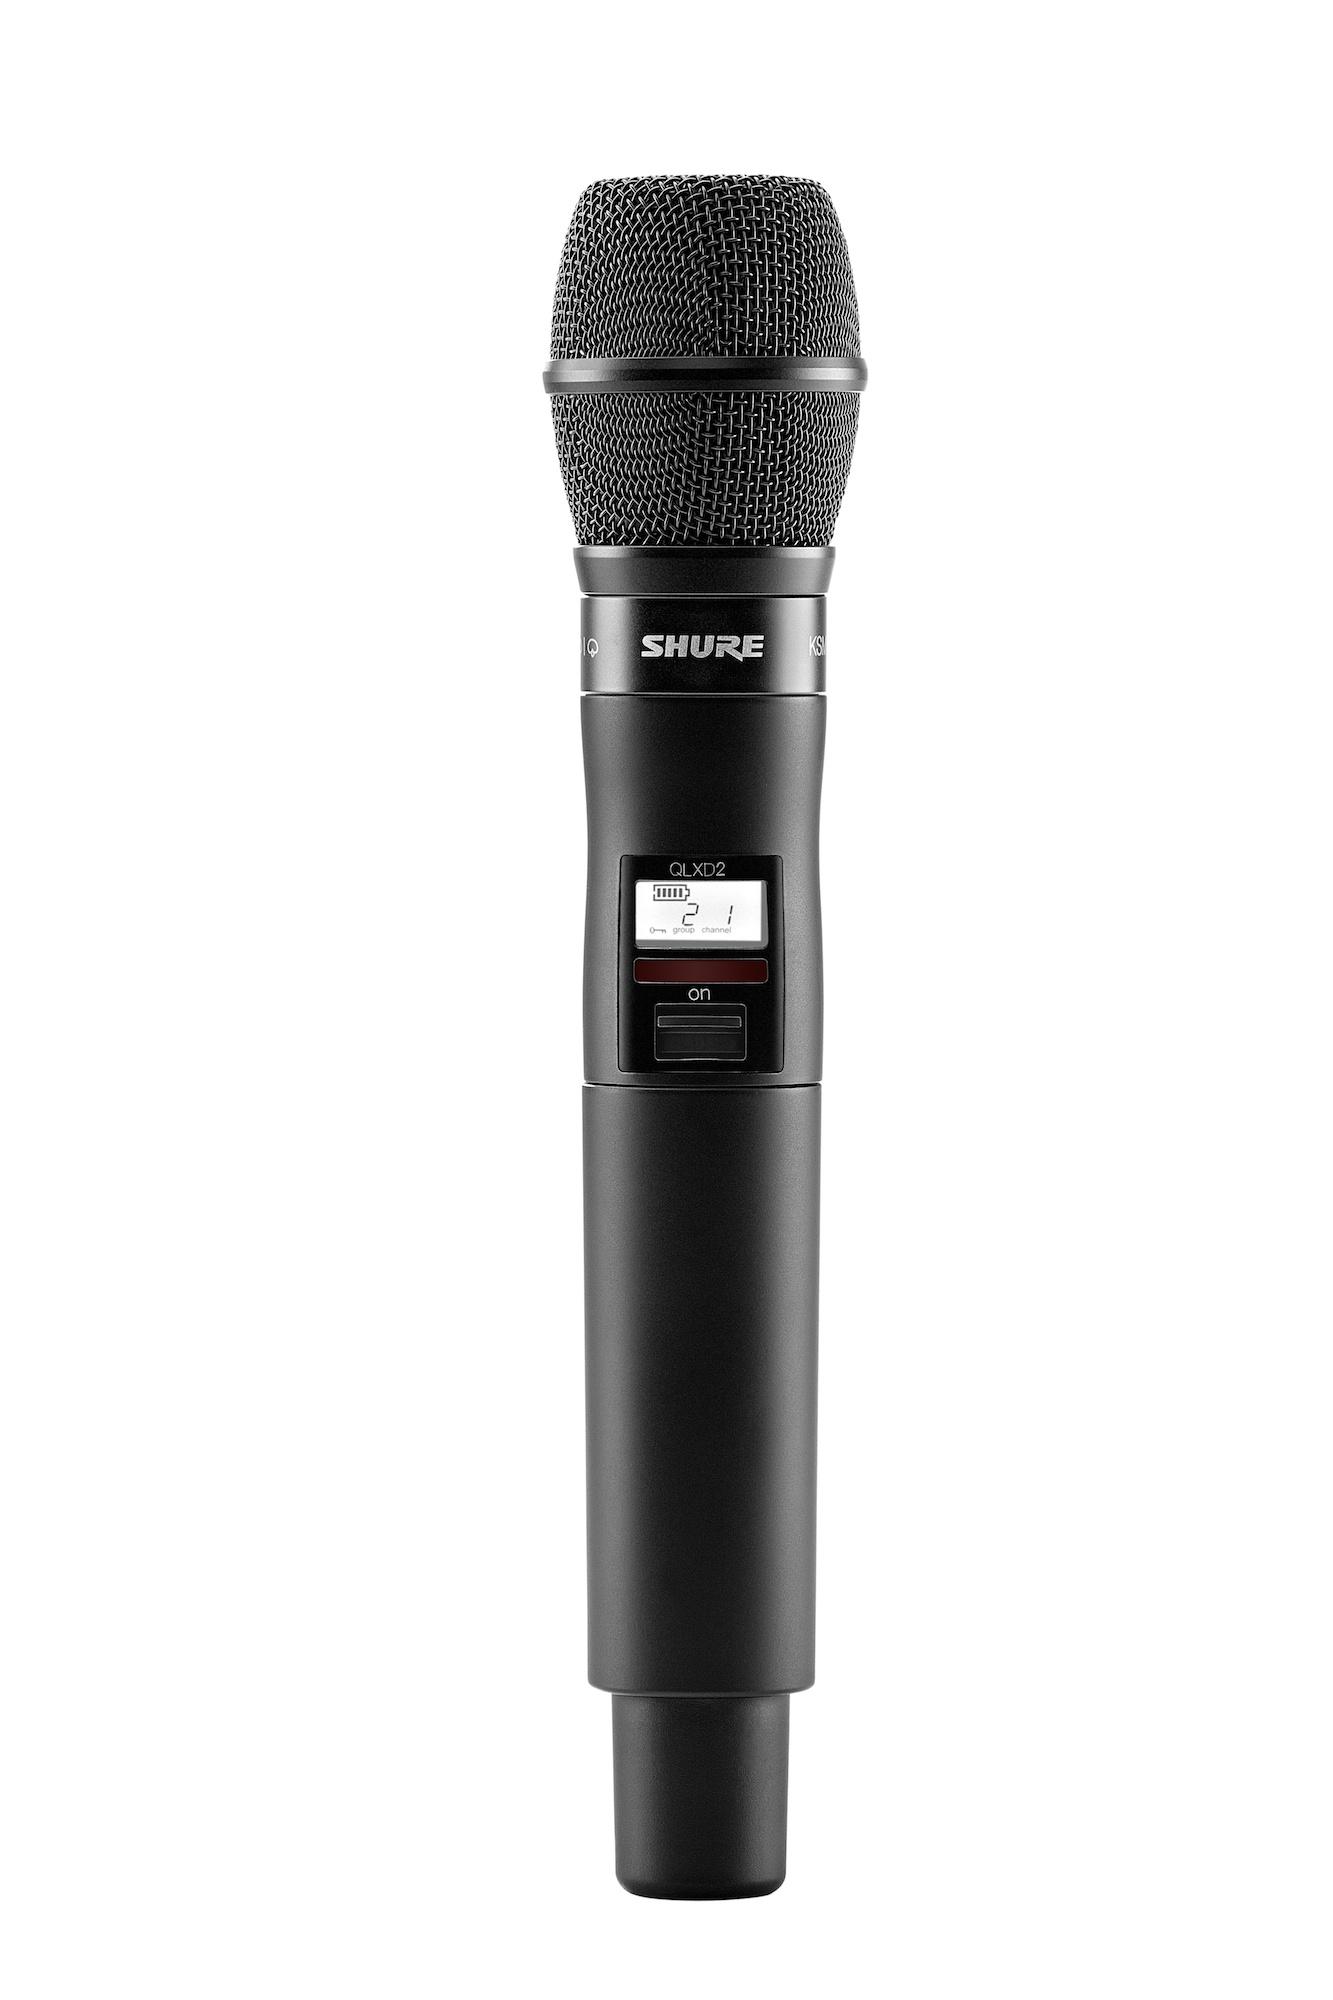 Handheld Wireless Microphone Transmitter : shure qlxd2 ksm9 handheld wireless microphone transmitter pro audio superstore ~ Hamham.info Haus und Dekorationen